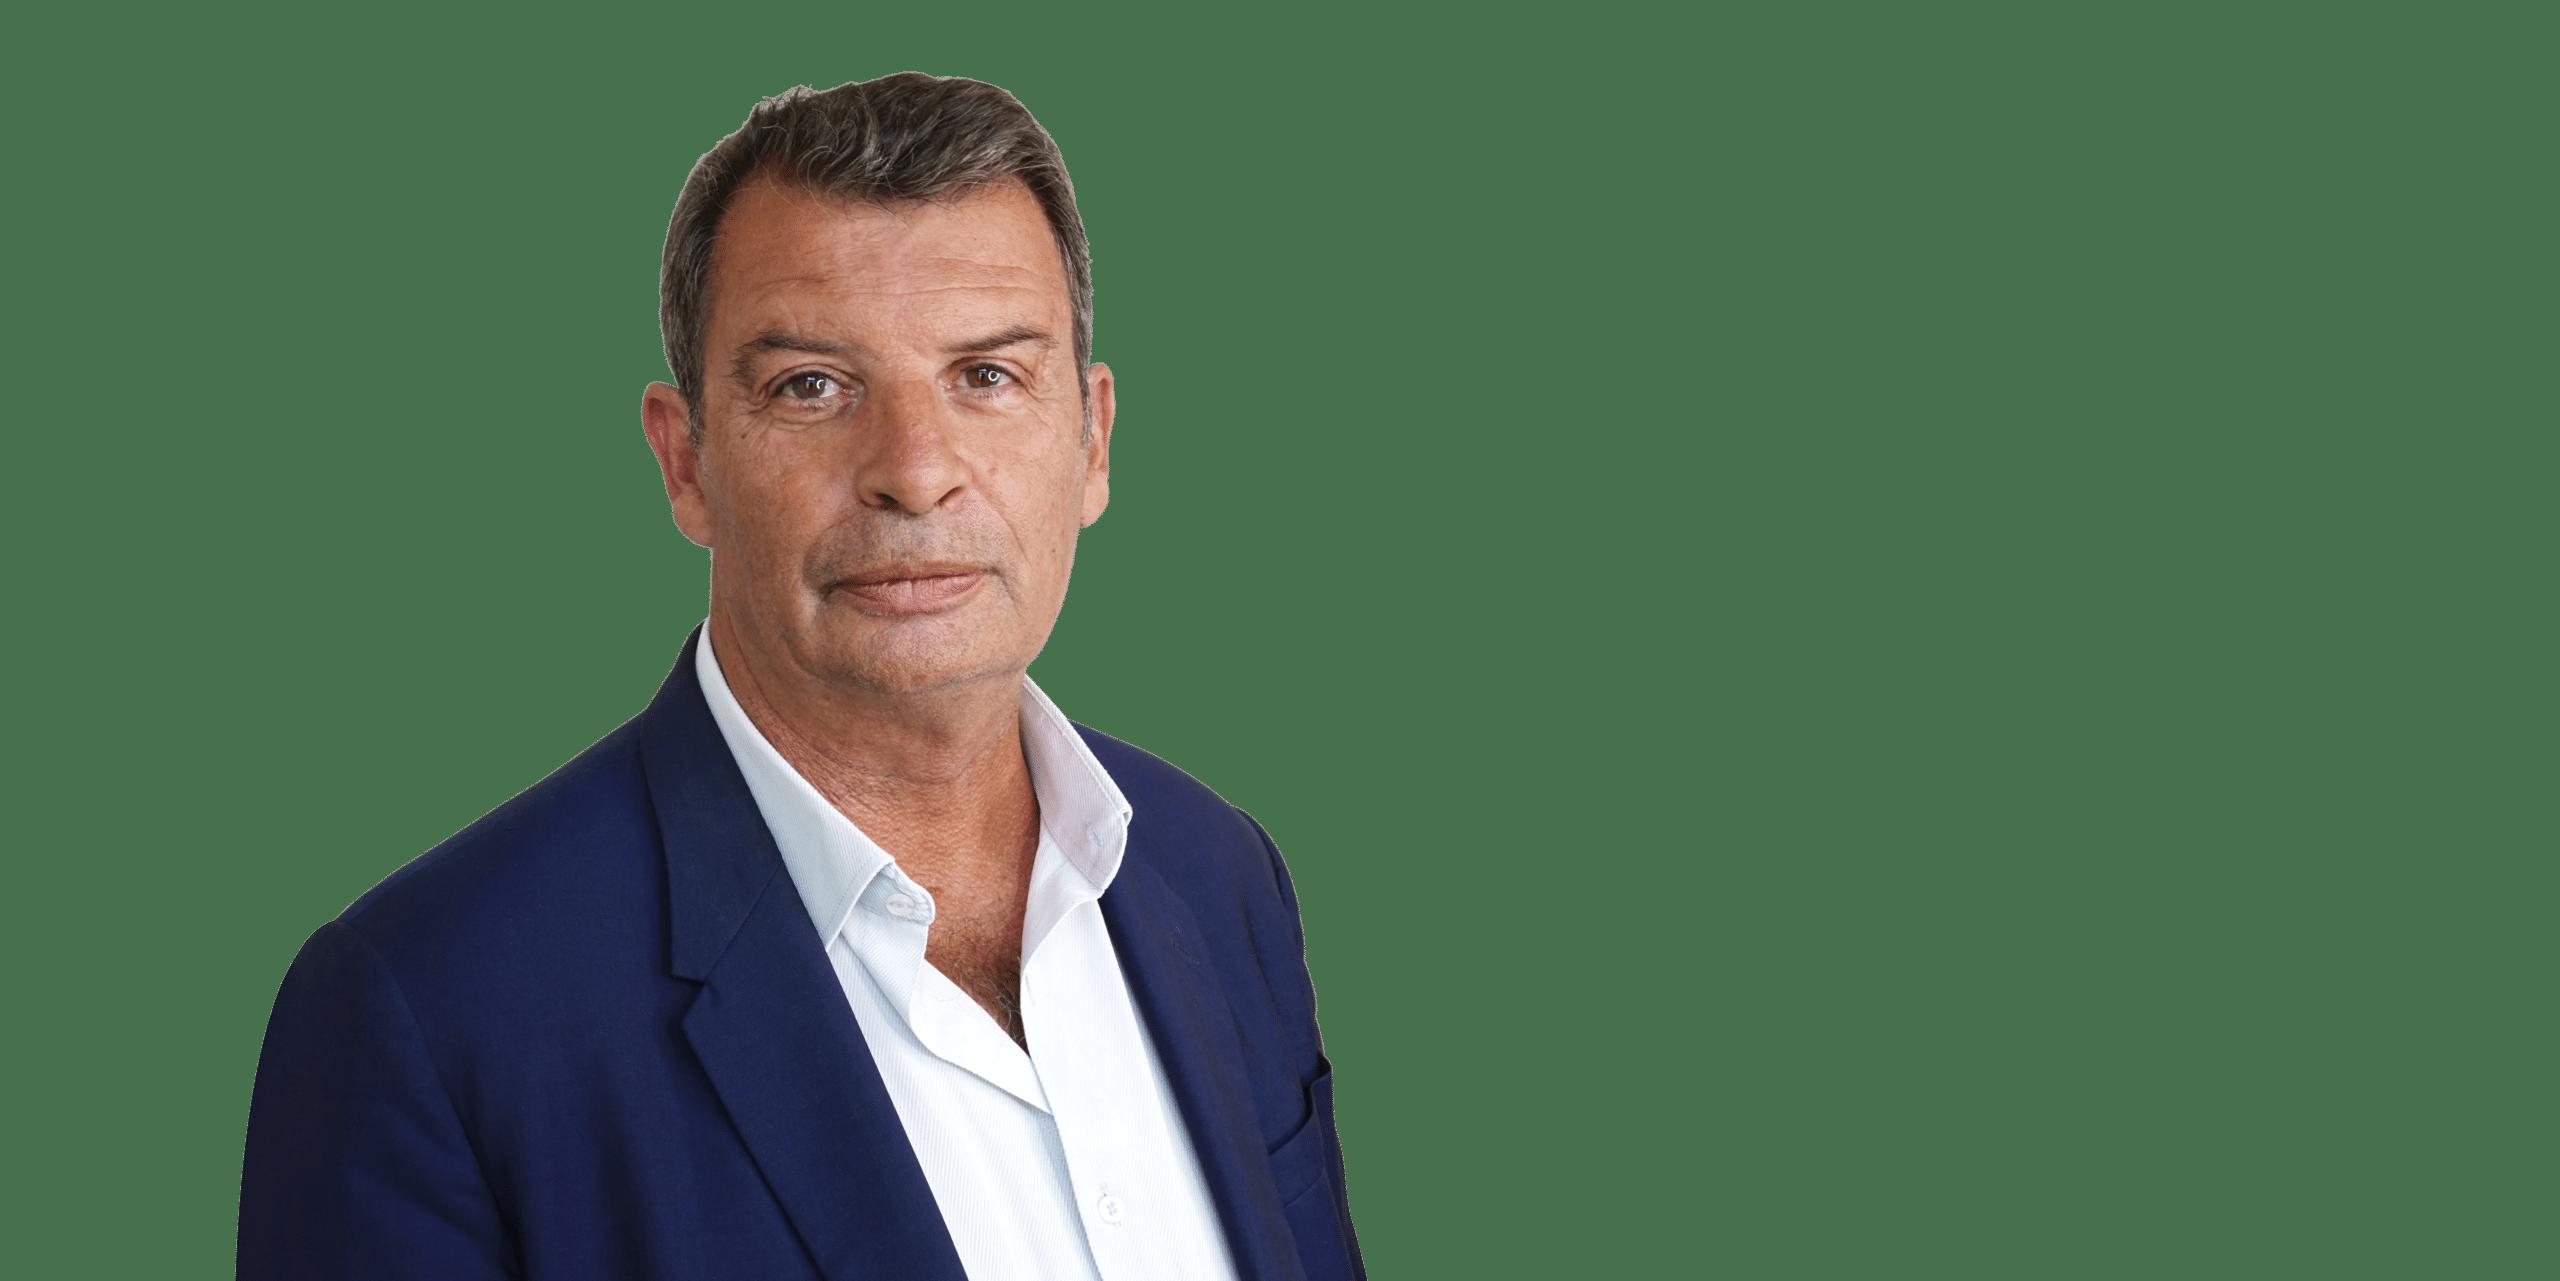 Franck Singer